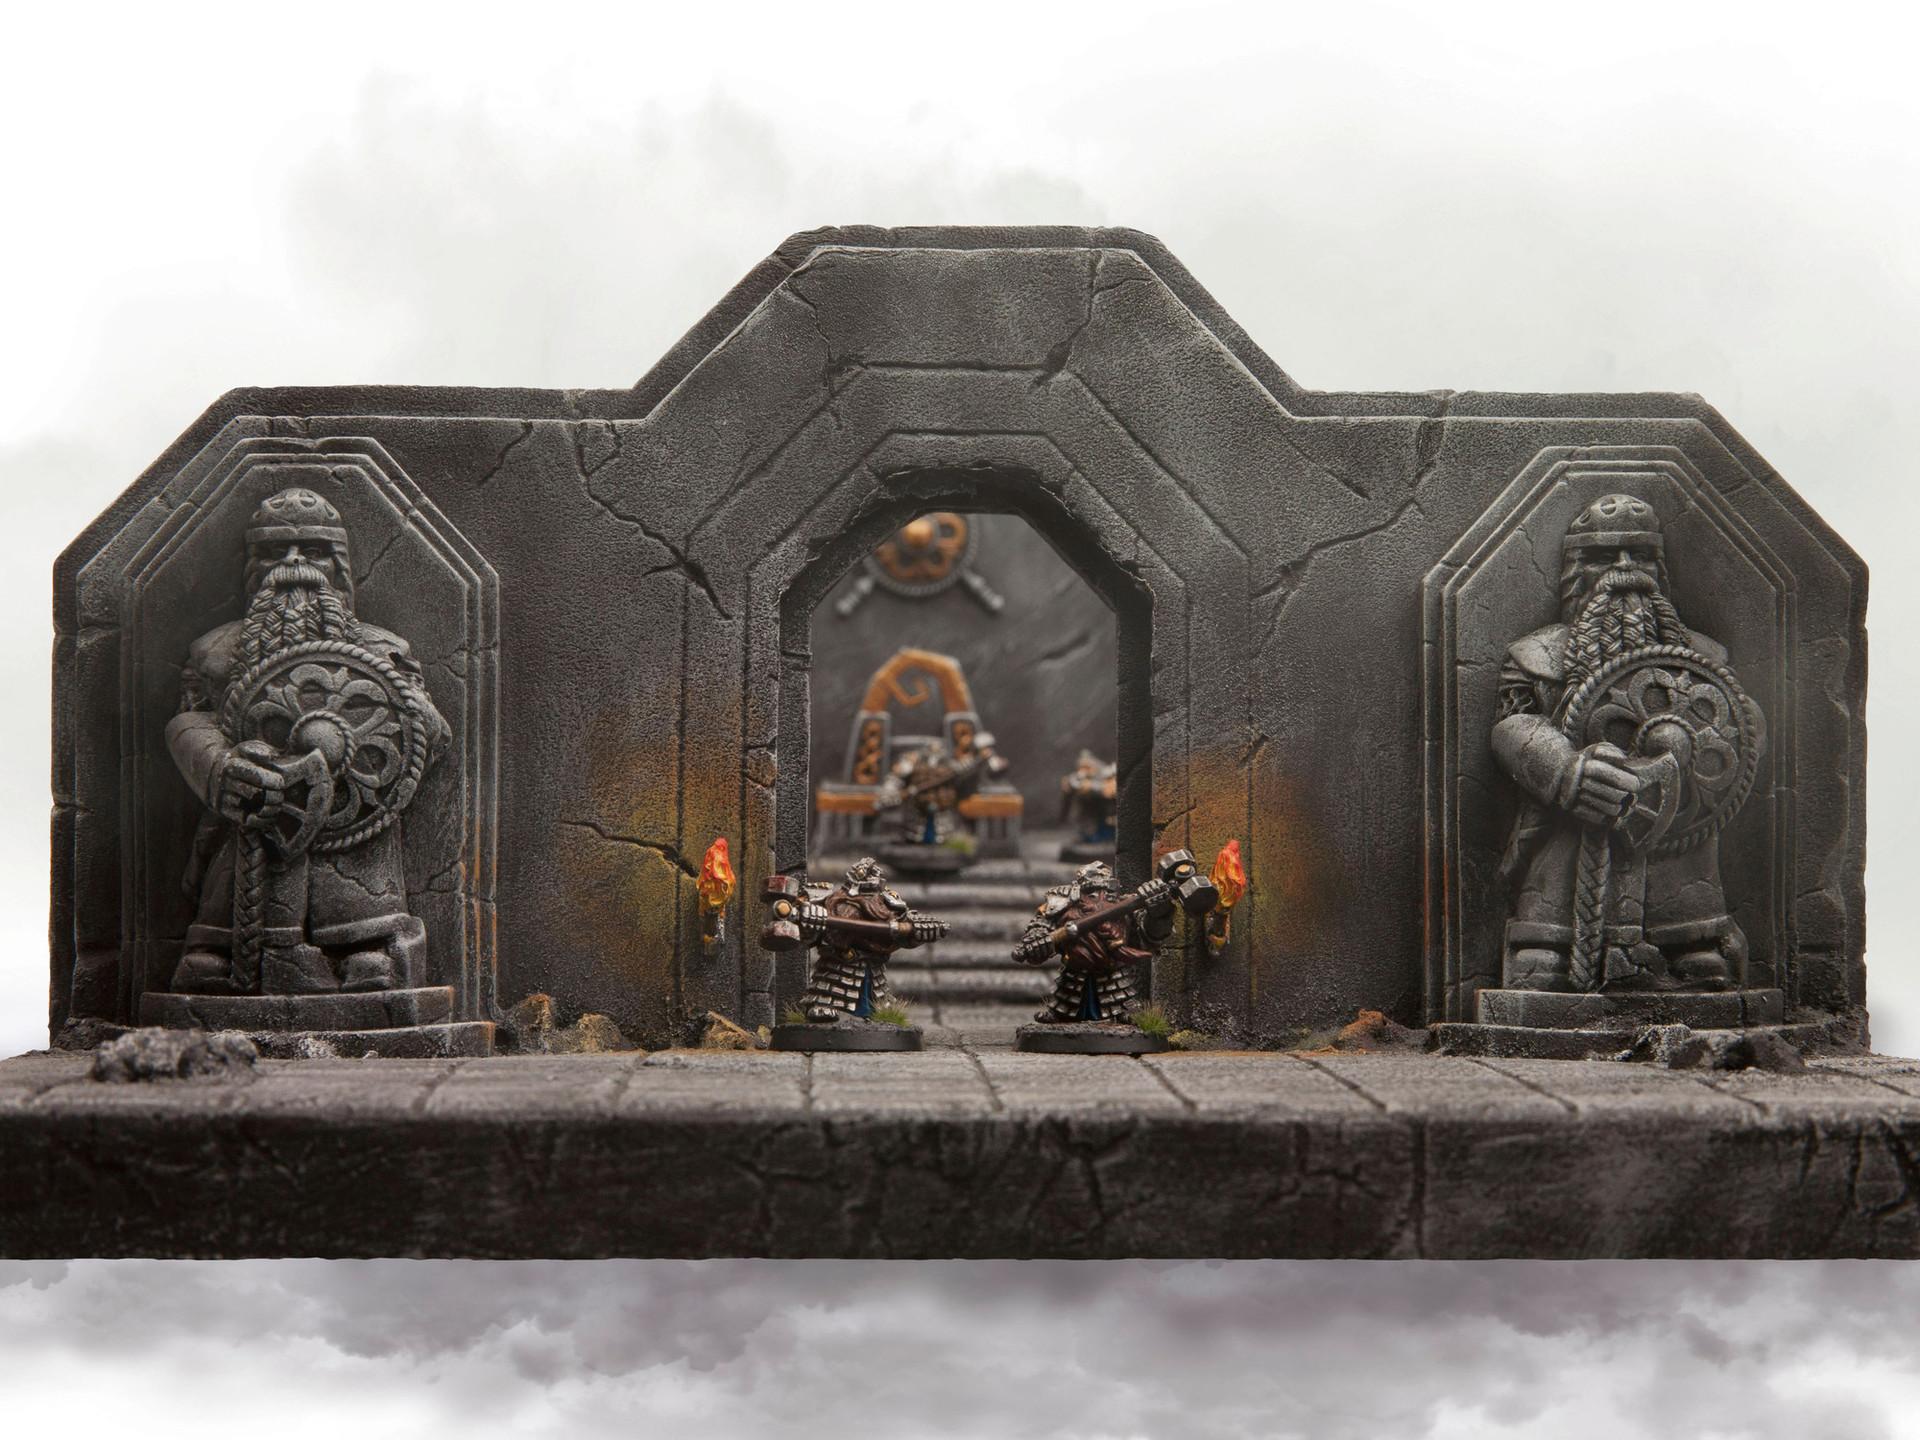 ZITERDES DunkelWelt Dungeon